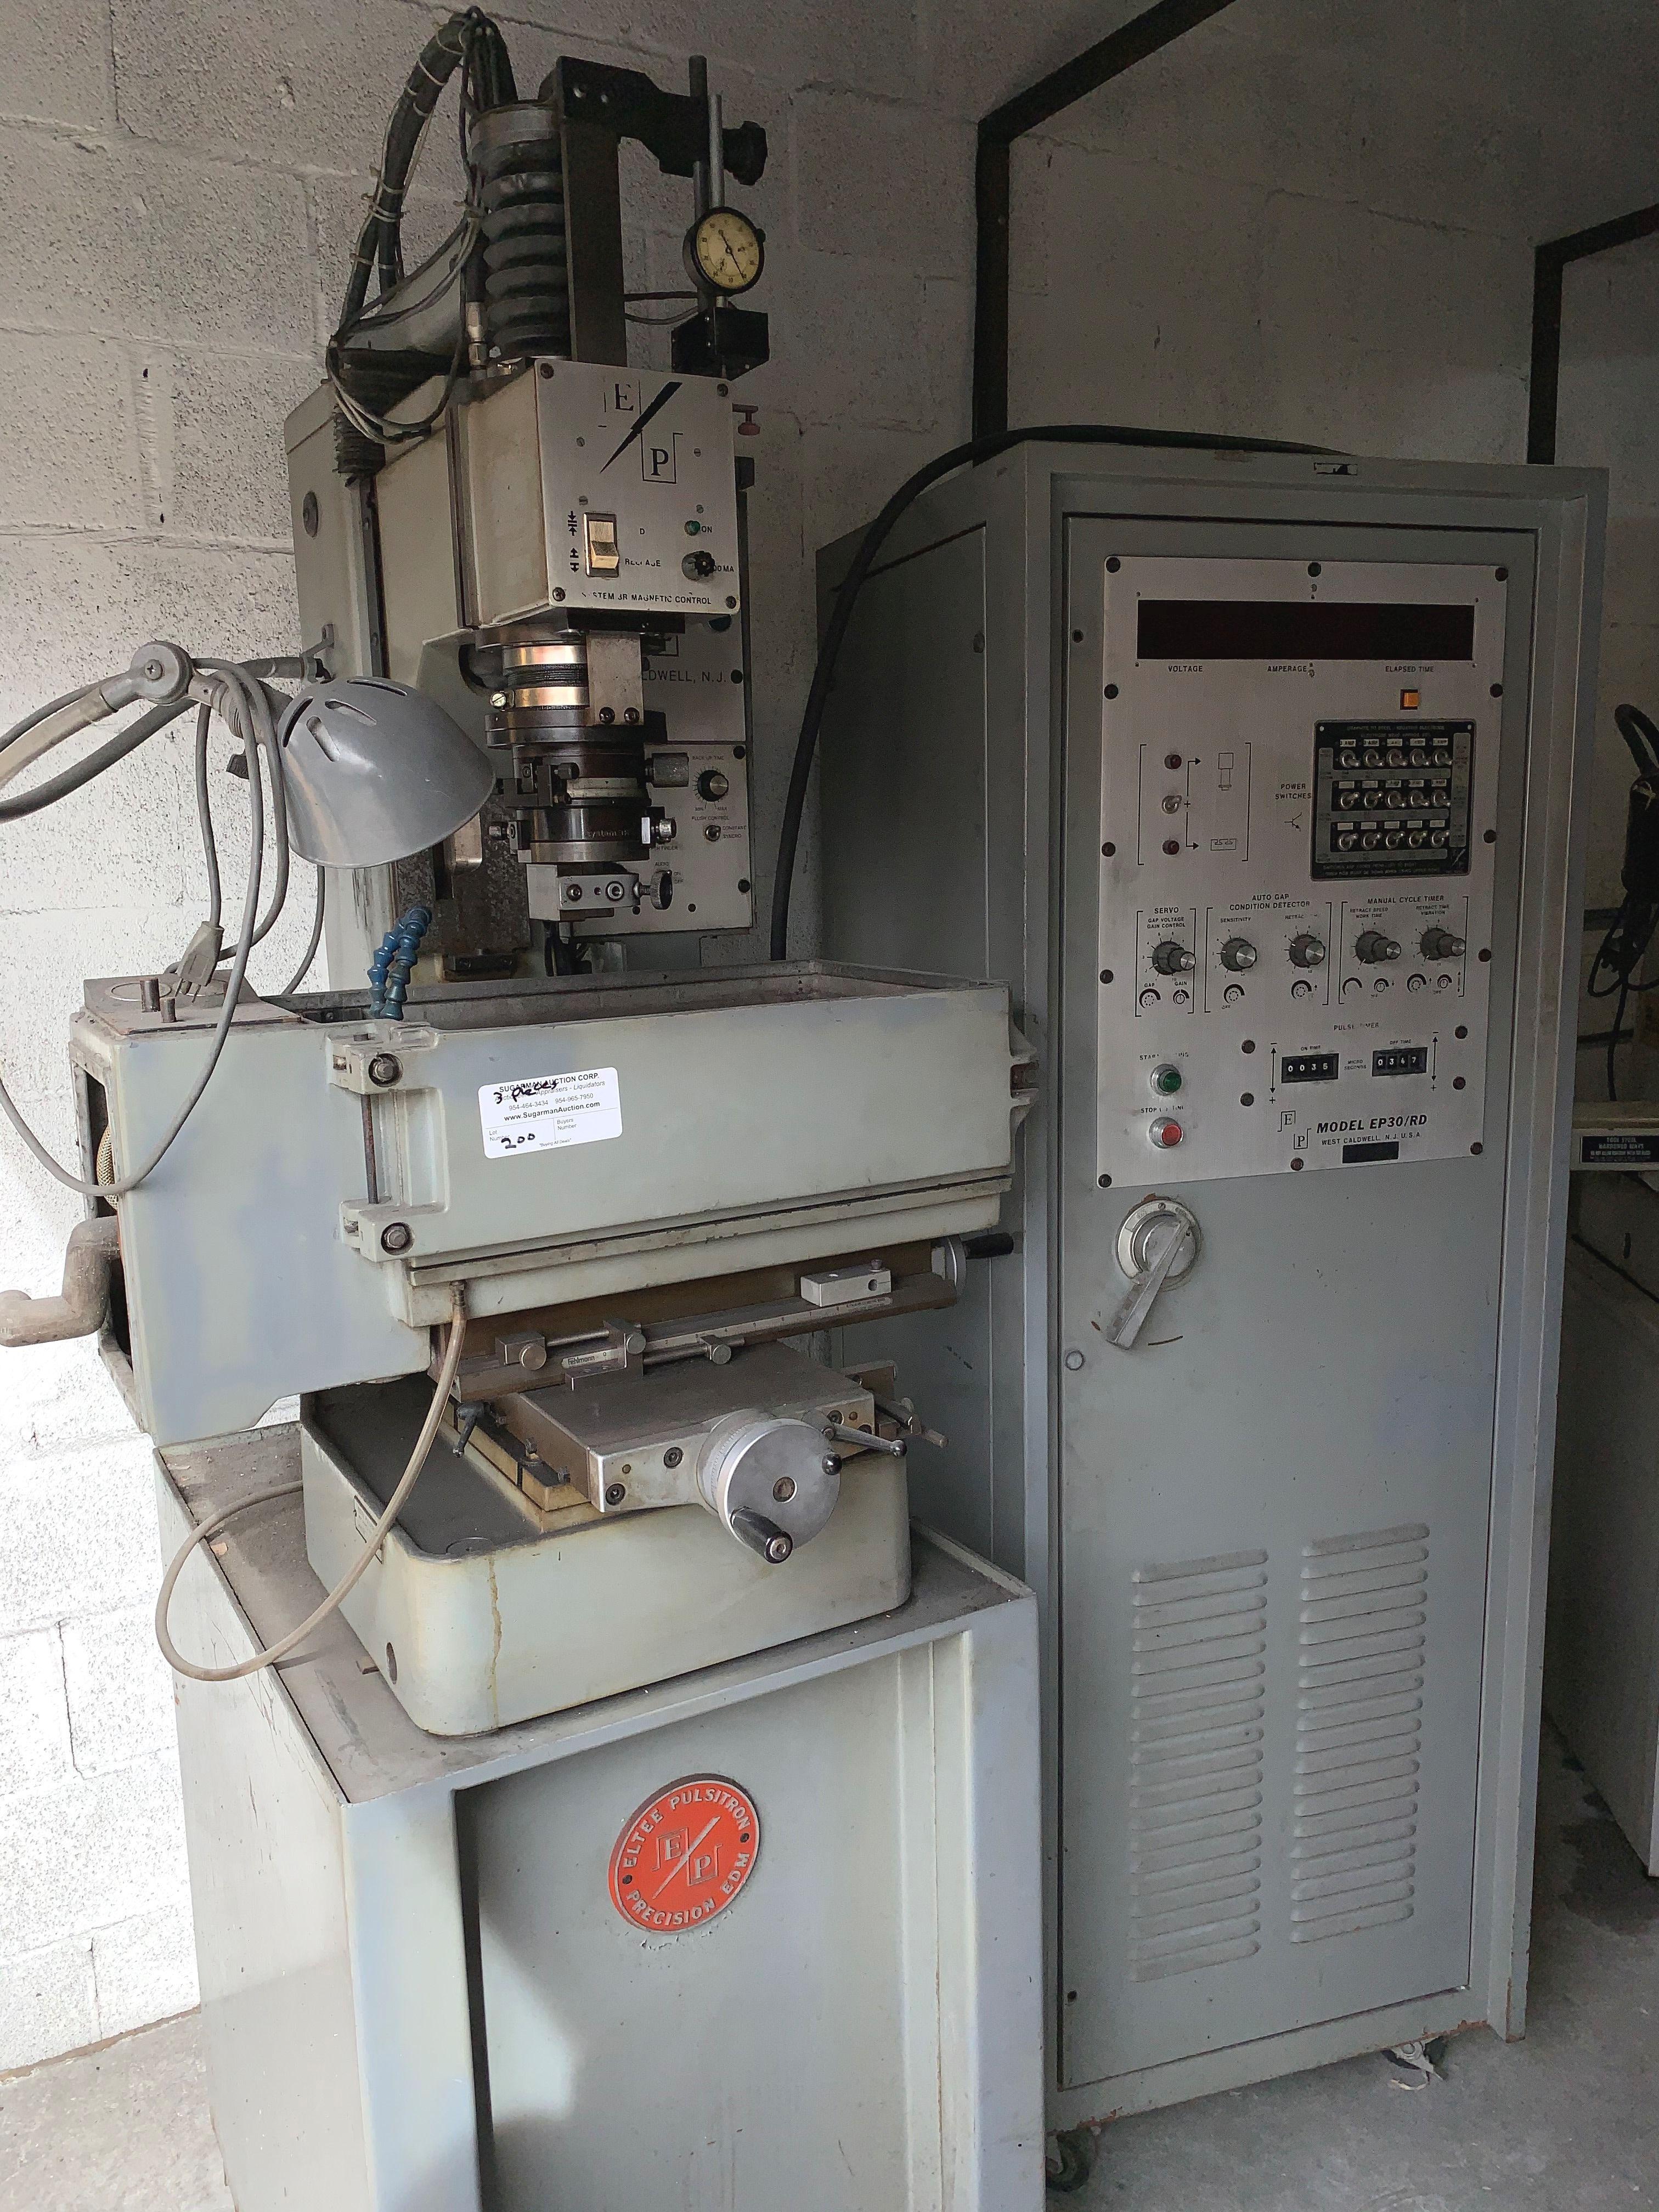 Eltee Pulsitron EDM Machine, E.P. 30, Serial # 0919, Vacuum & Extra Filters